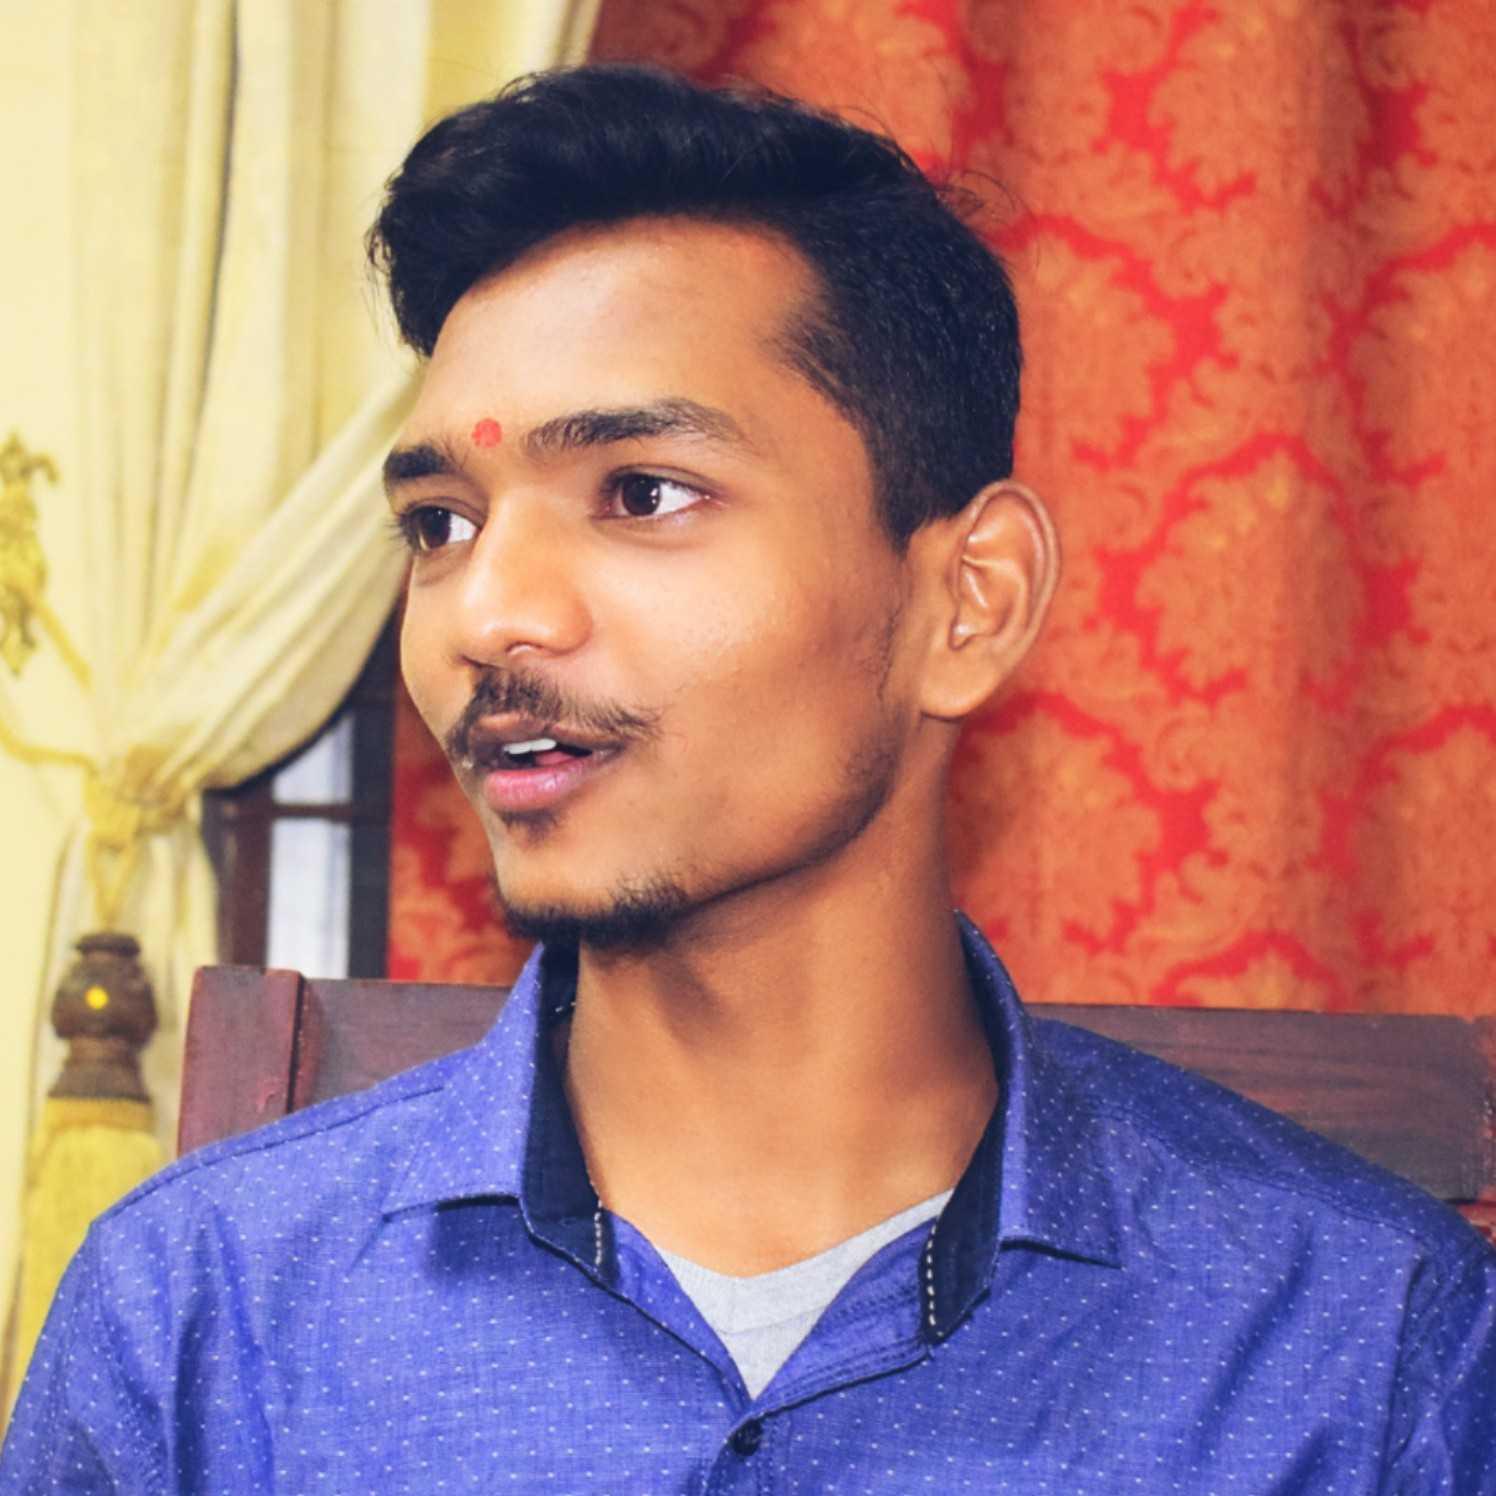 Shubham Tiwari Writer, Director, Story Teller and Motivational Speaker